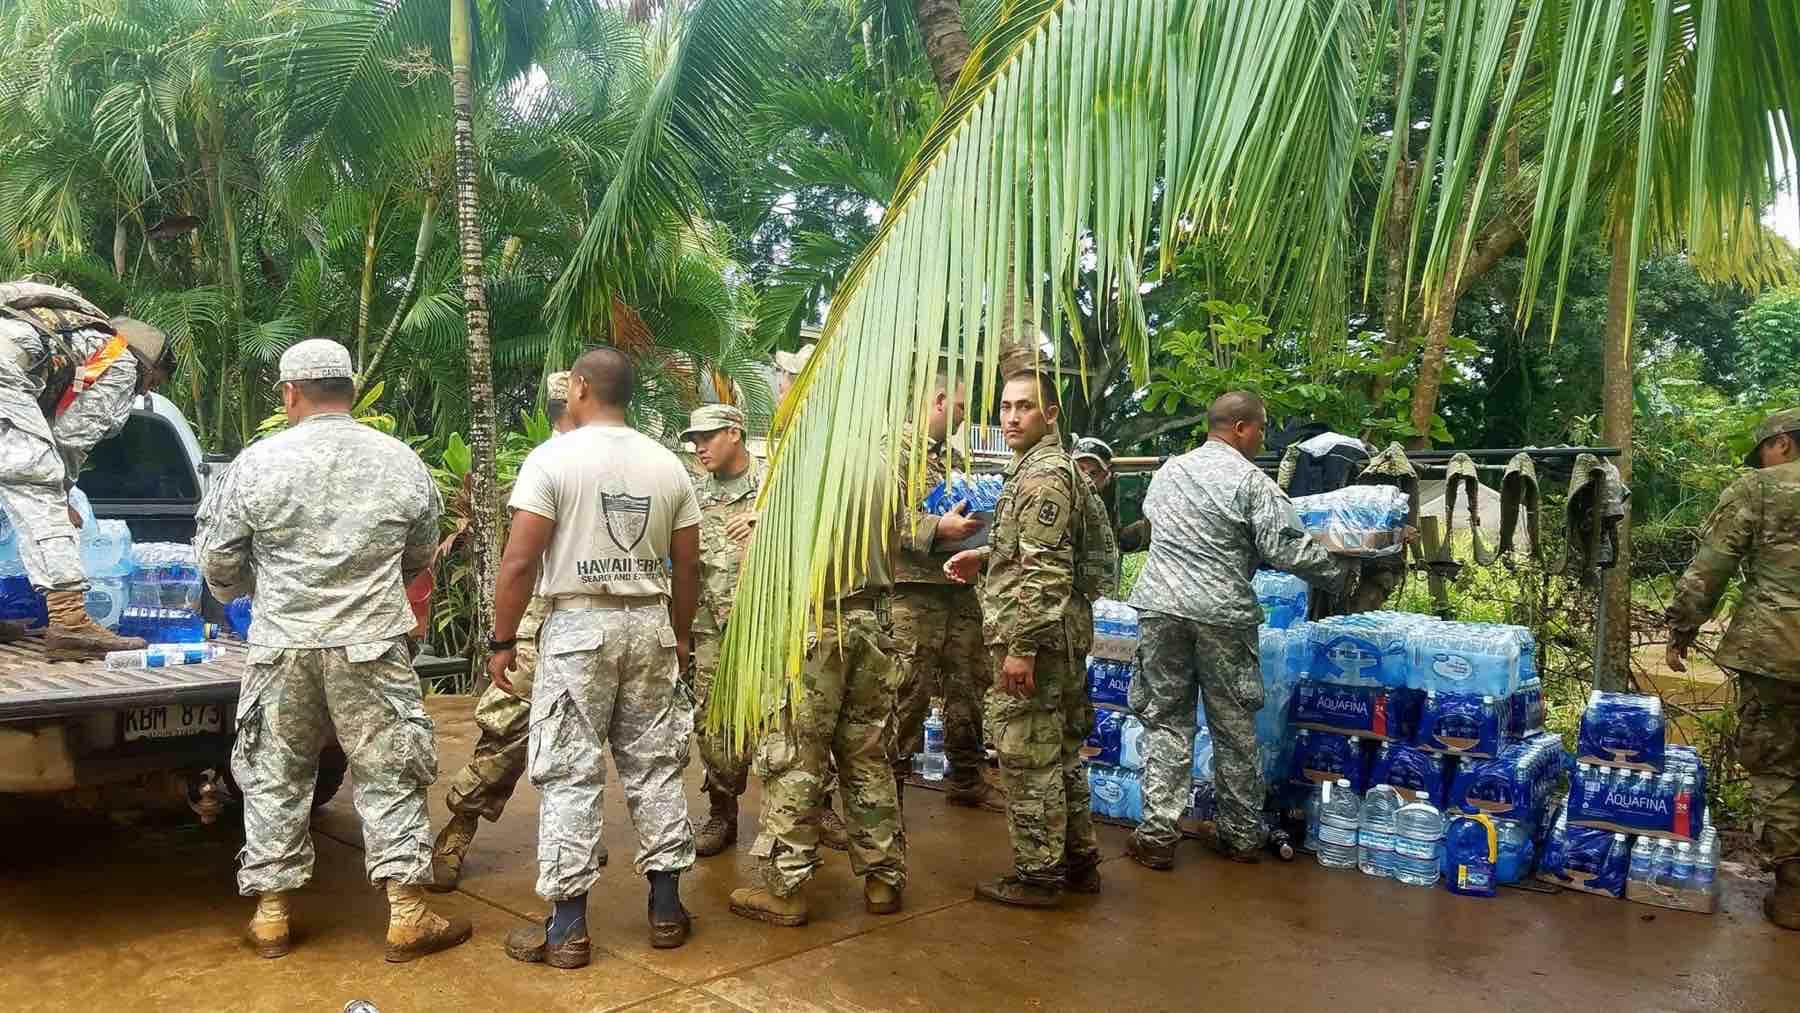 Military aid for the Kauai flood.